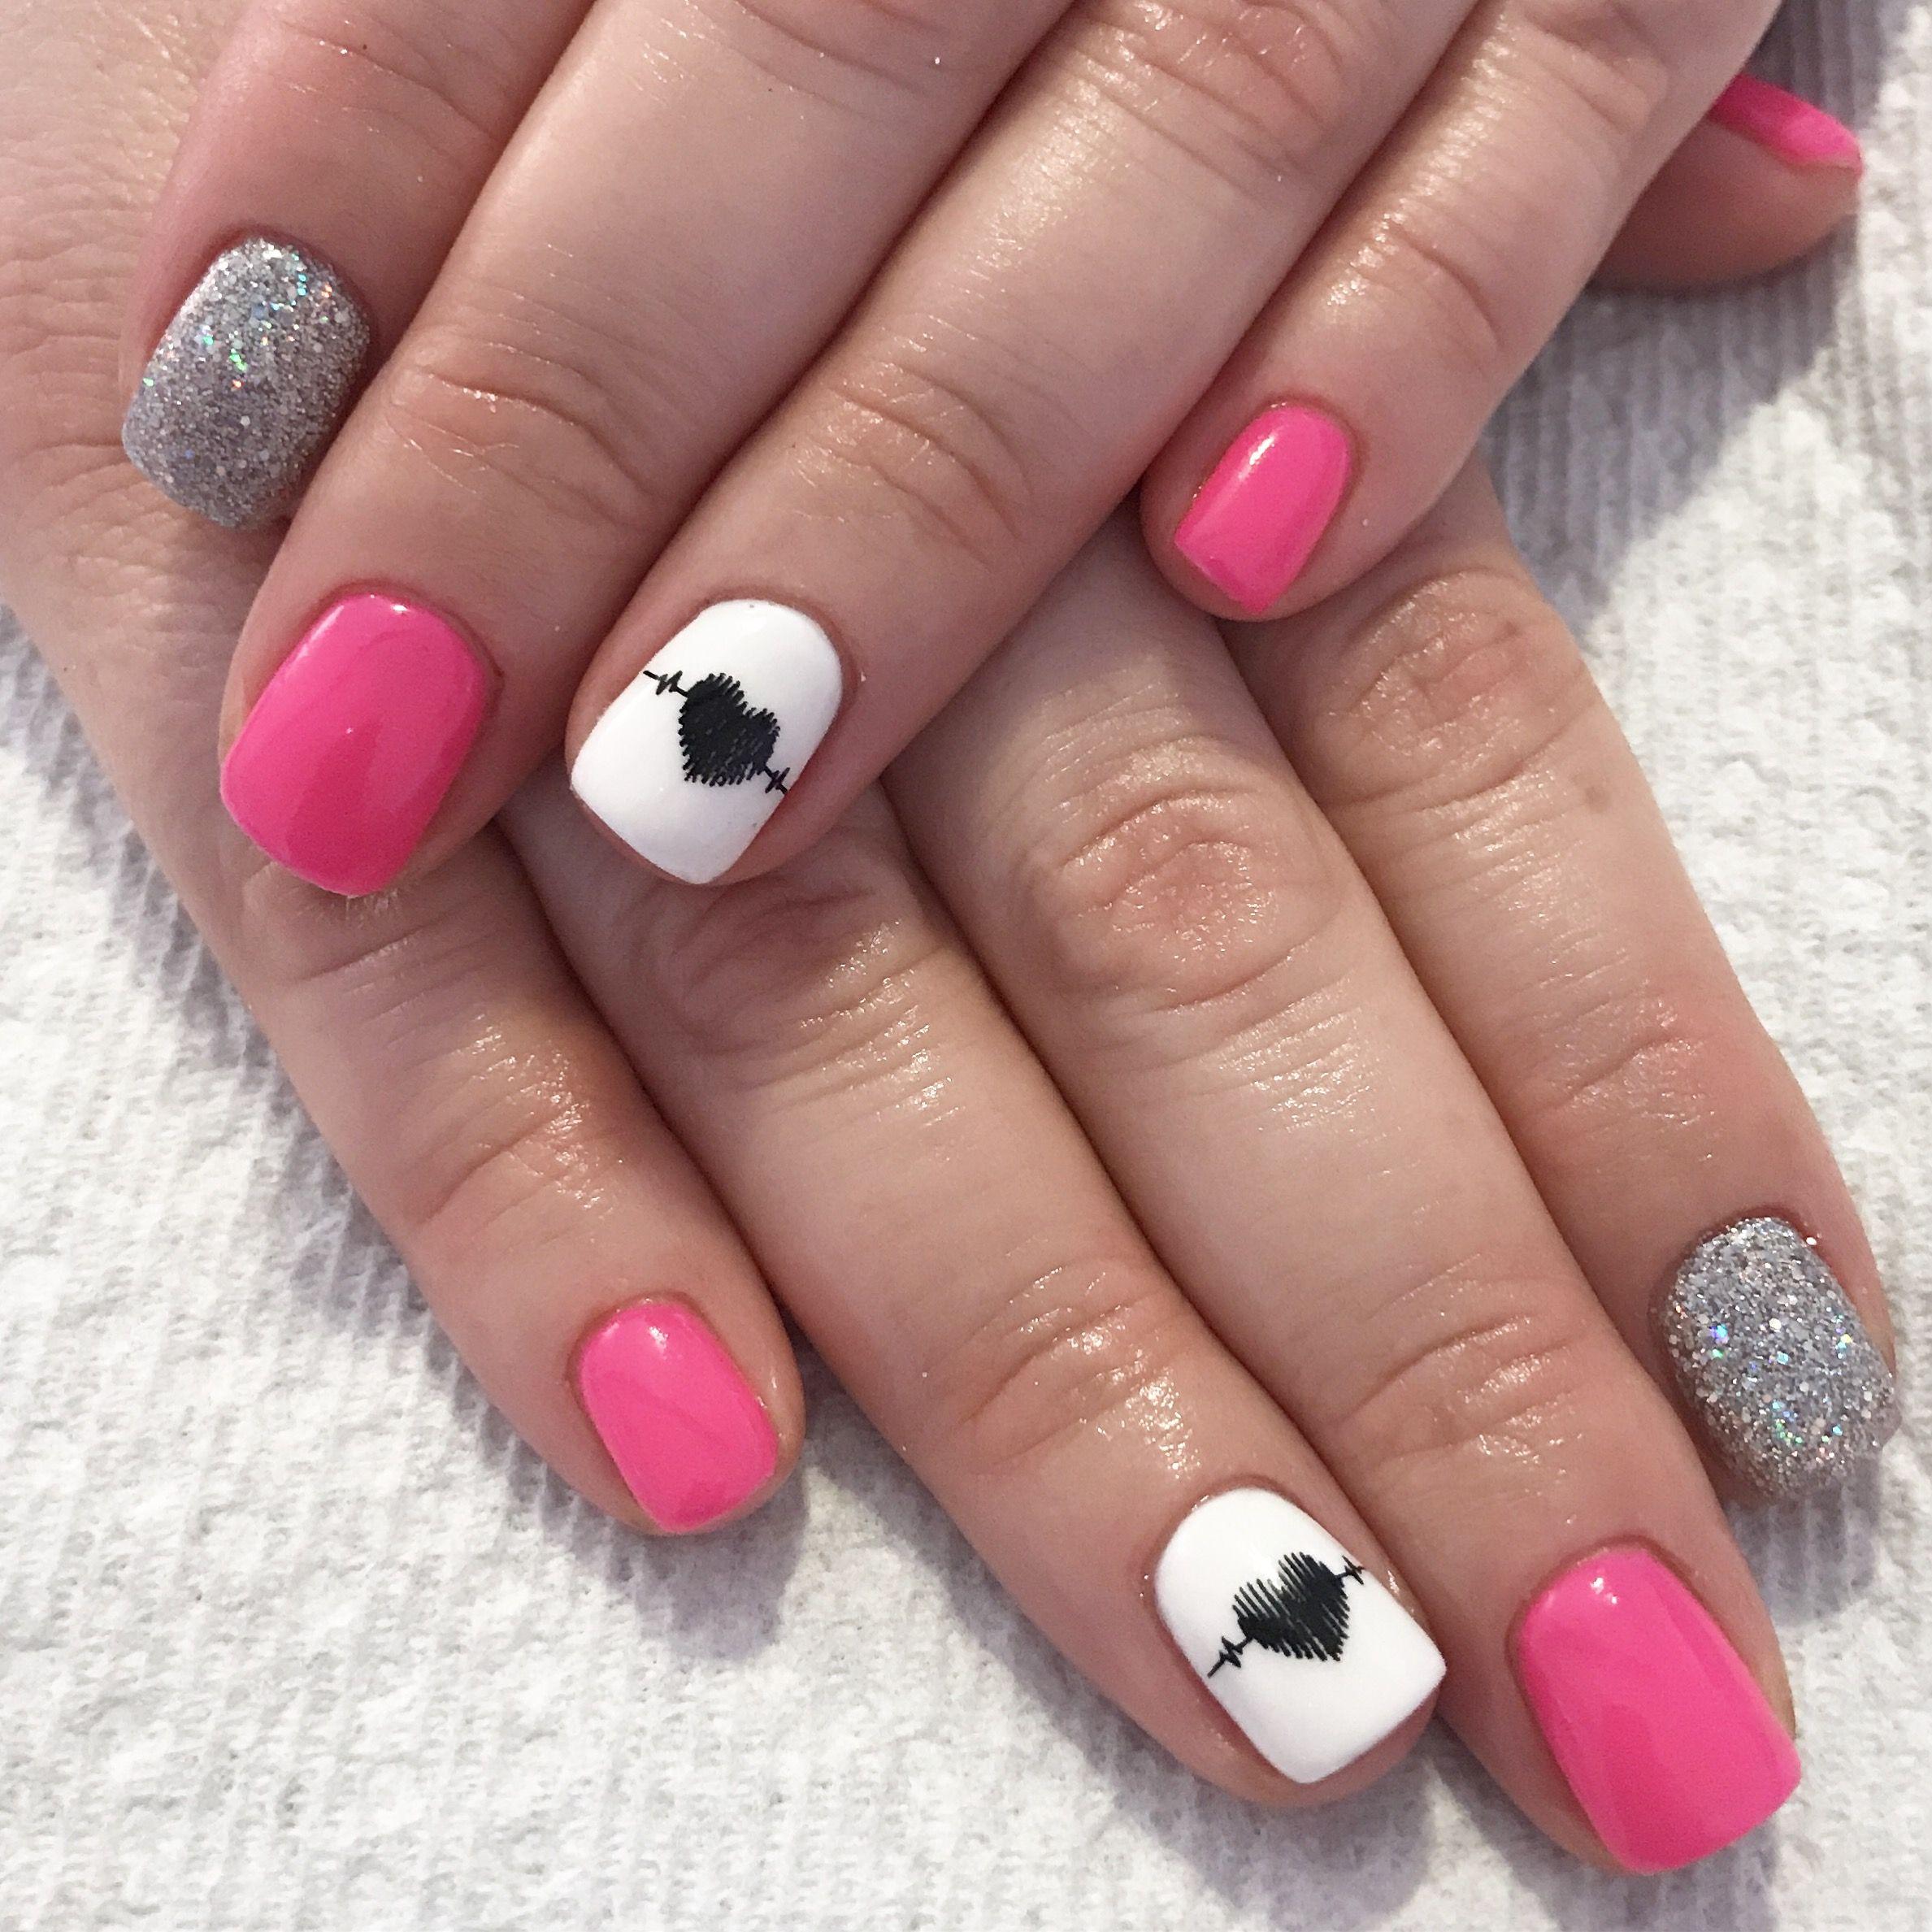 nurse nails. nursing nails. pink nails. glitter nails. gel nails